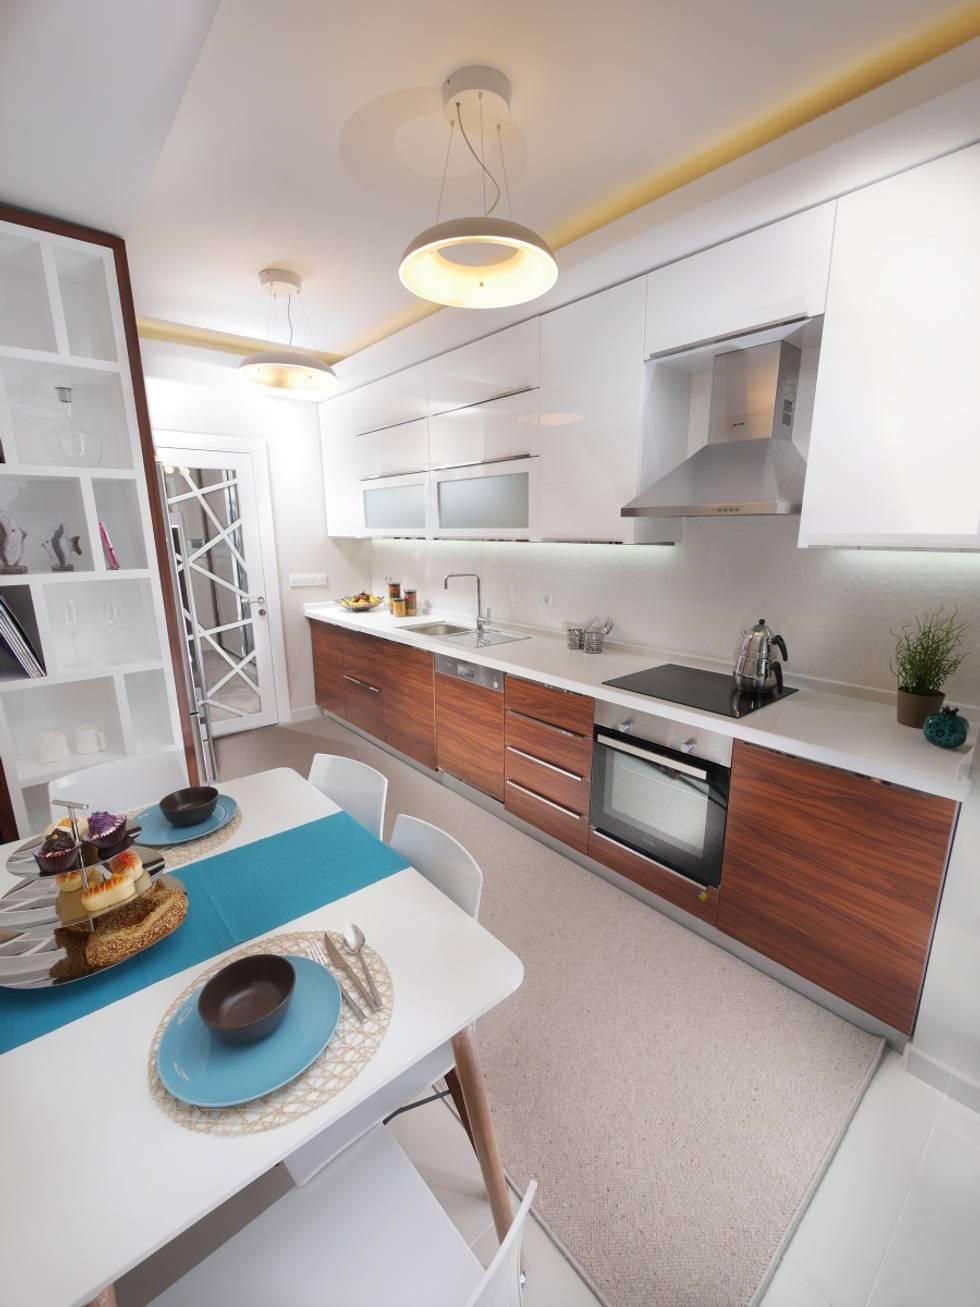 6 советов для действительно чистого дома!